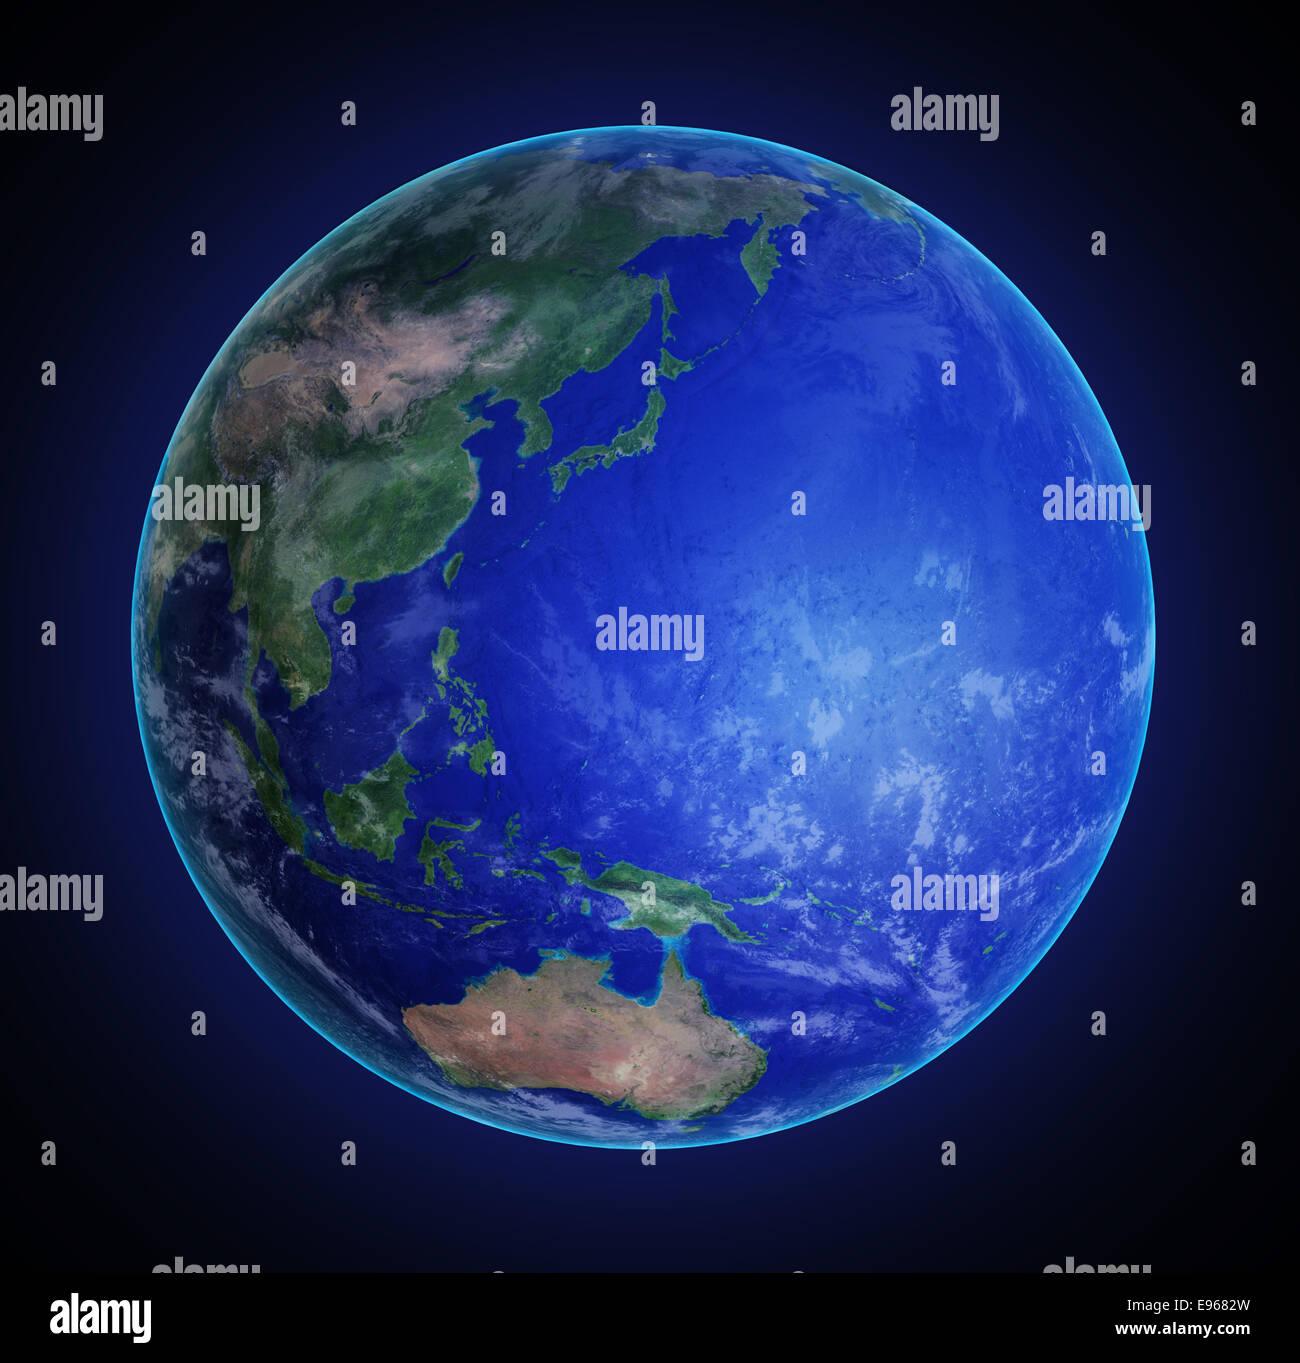 L'Asie orientale et l'océan Pacifique vu de l'espace Banque D'Images